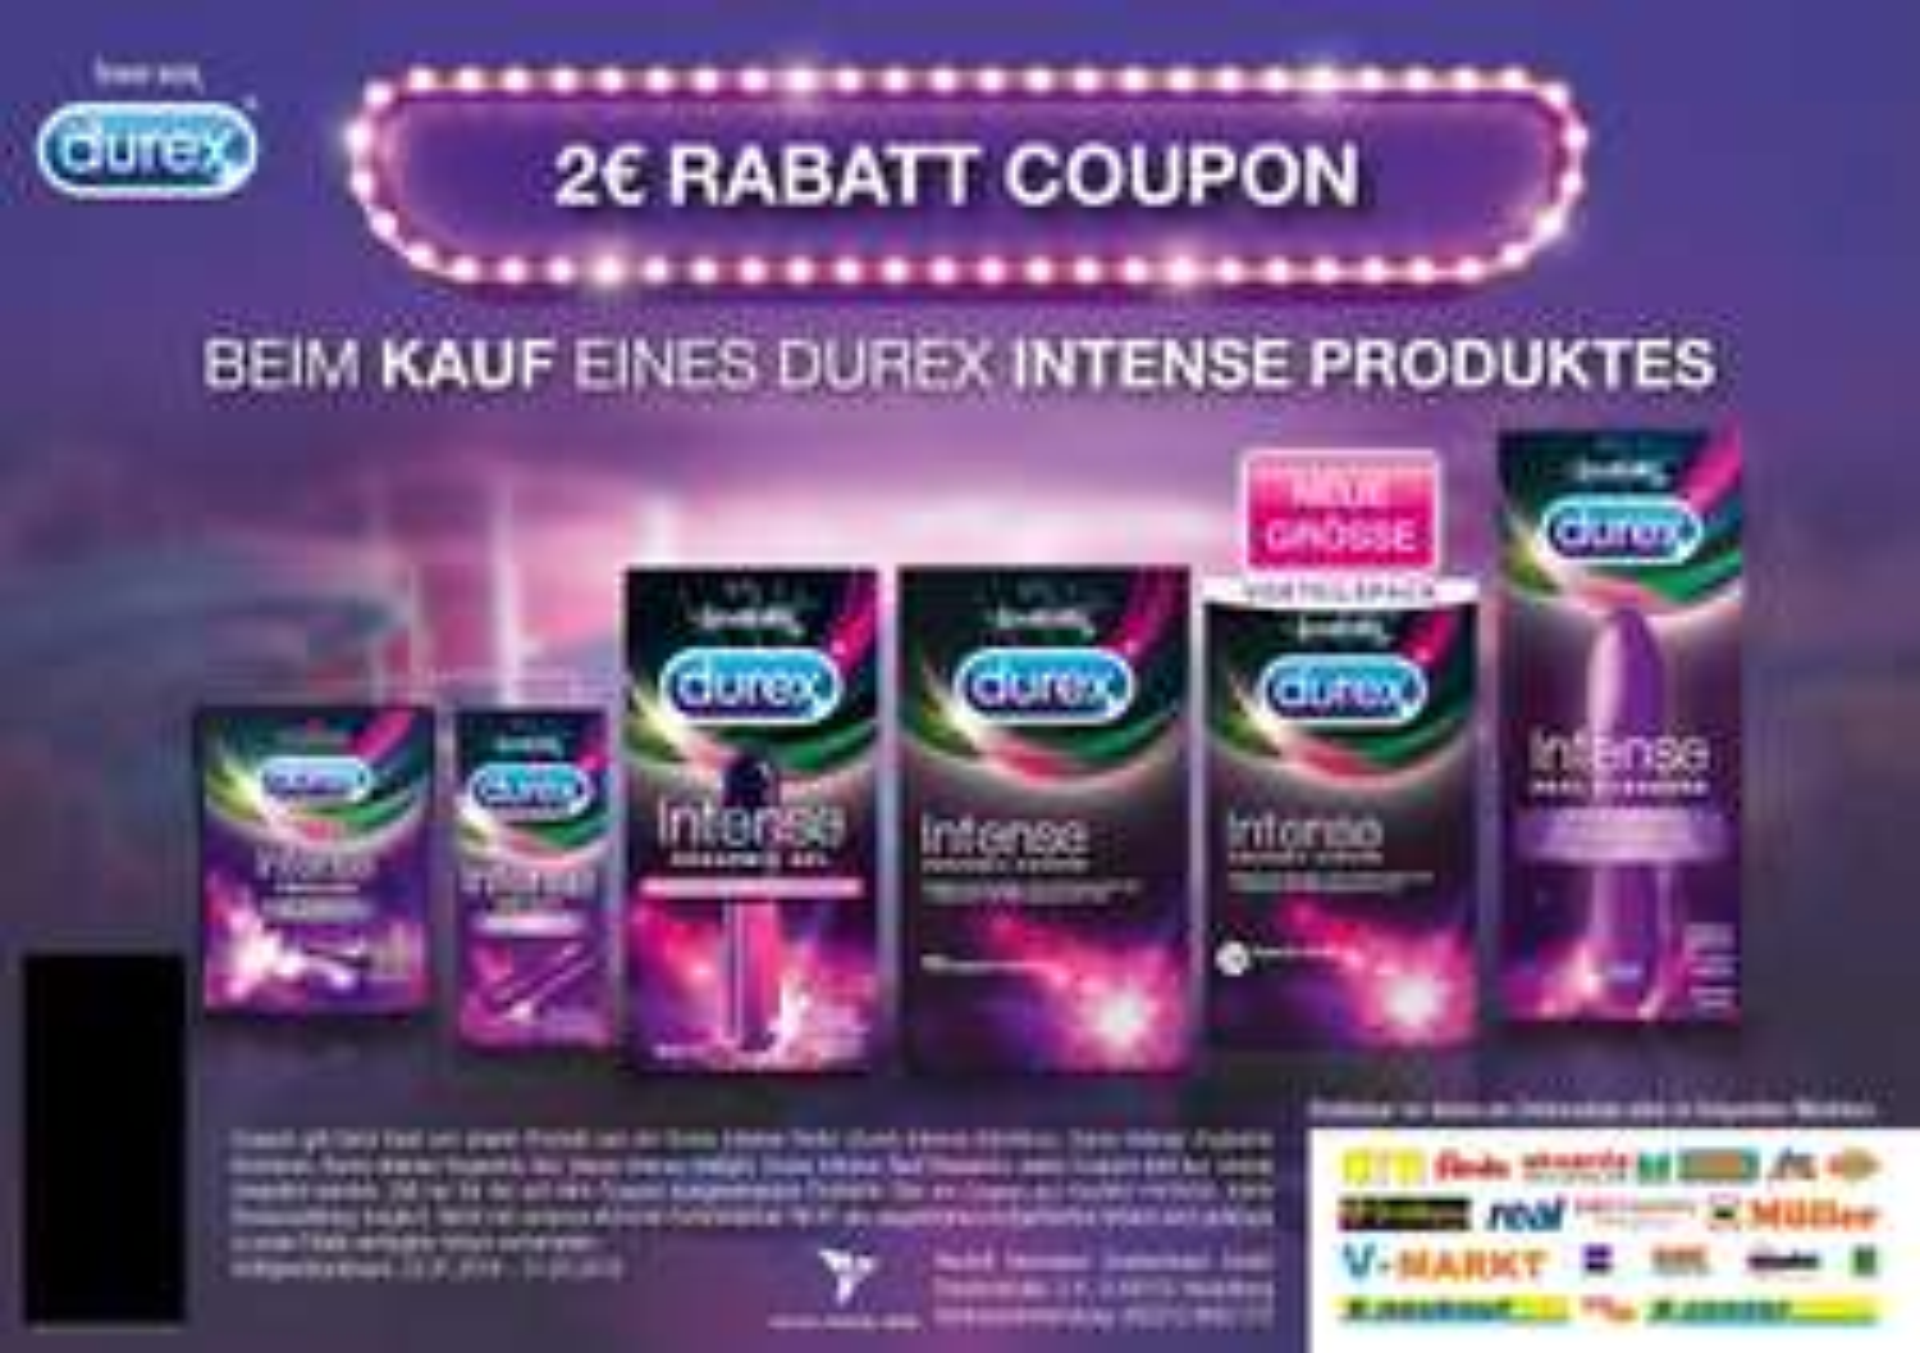 2€ Rabatt auf DUREX INTENSE Produkte #OrgasmsForAll